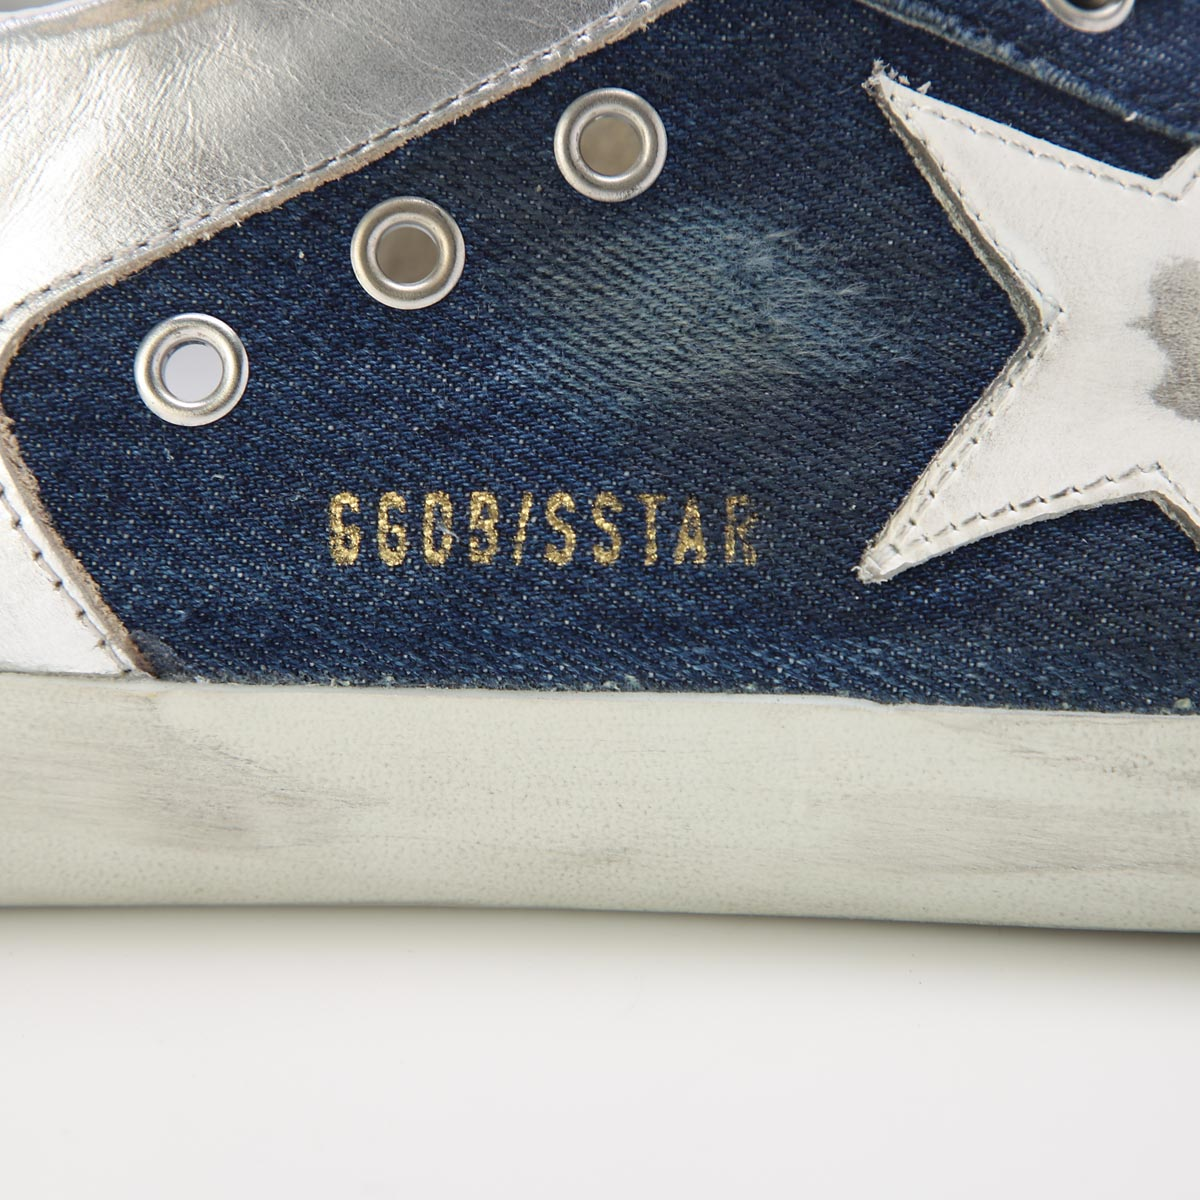 【アウトレット】Golden Goose Deluxe Brand ゴールデングース スニーカー/SUPER-STAR【大きいサイズあり】 メンズ